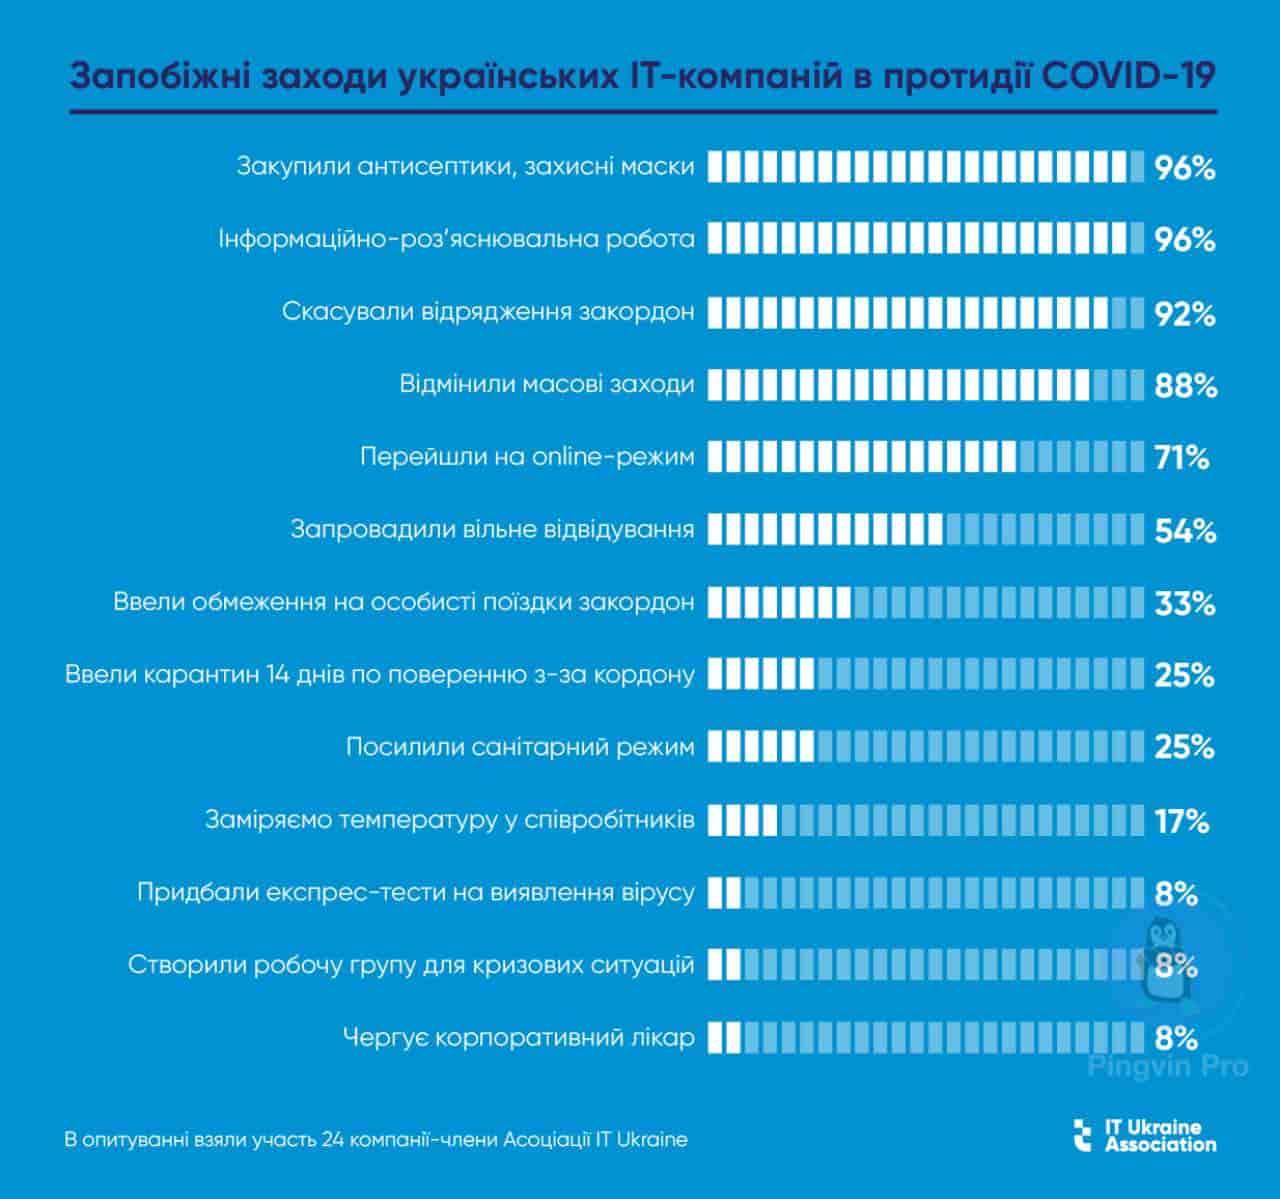 Українські IT-компанії розказали як запобігають поширенню коронавірусу